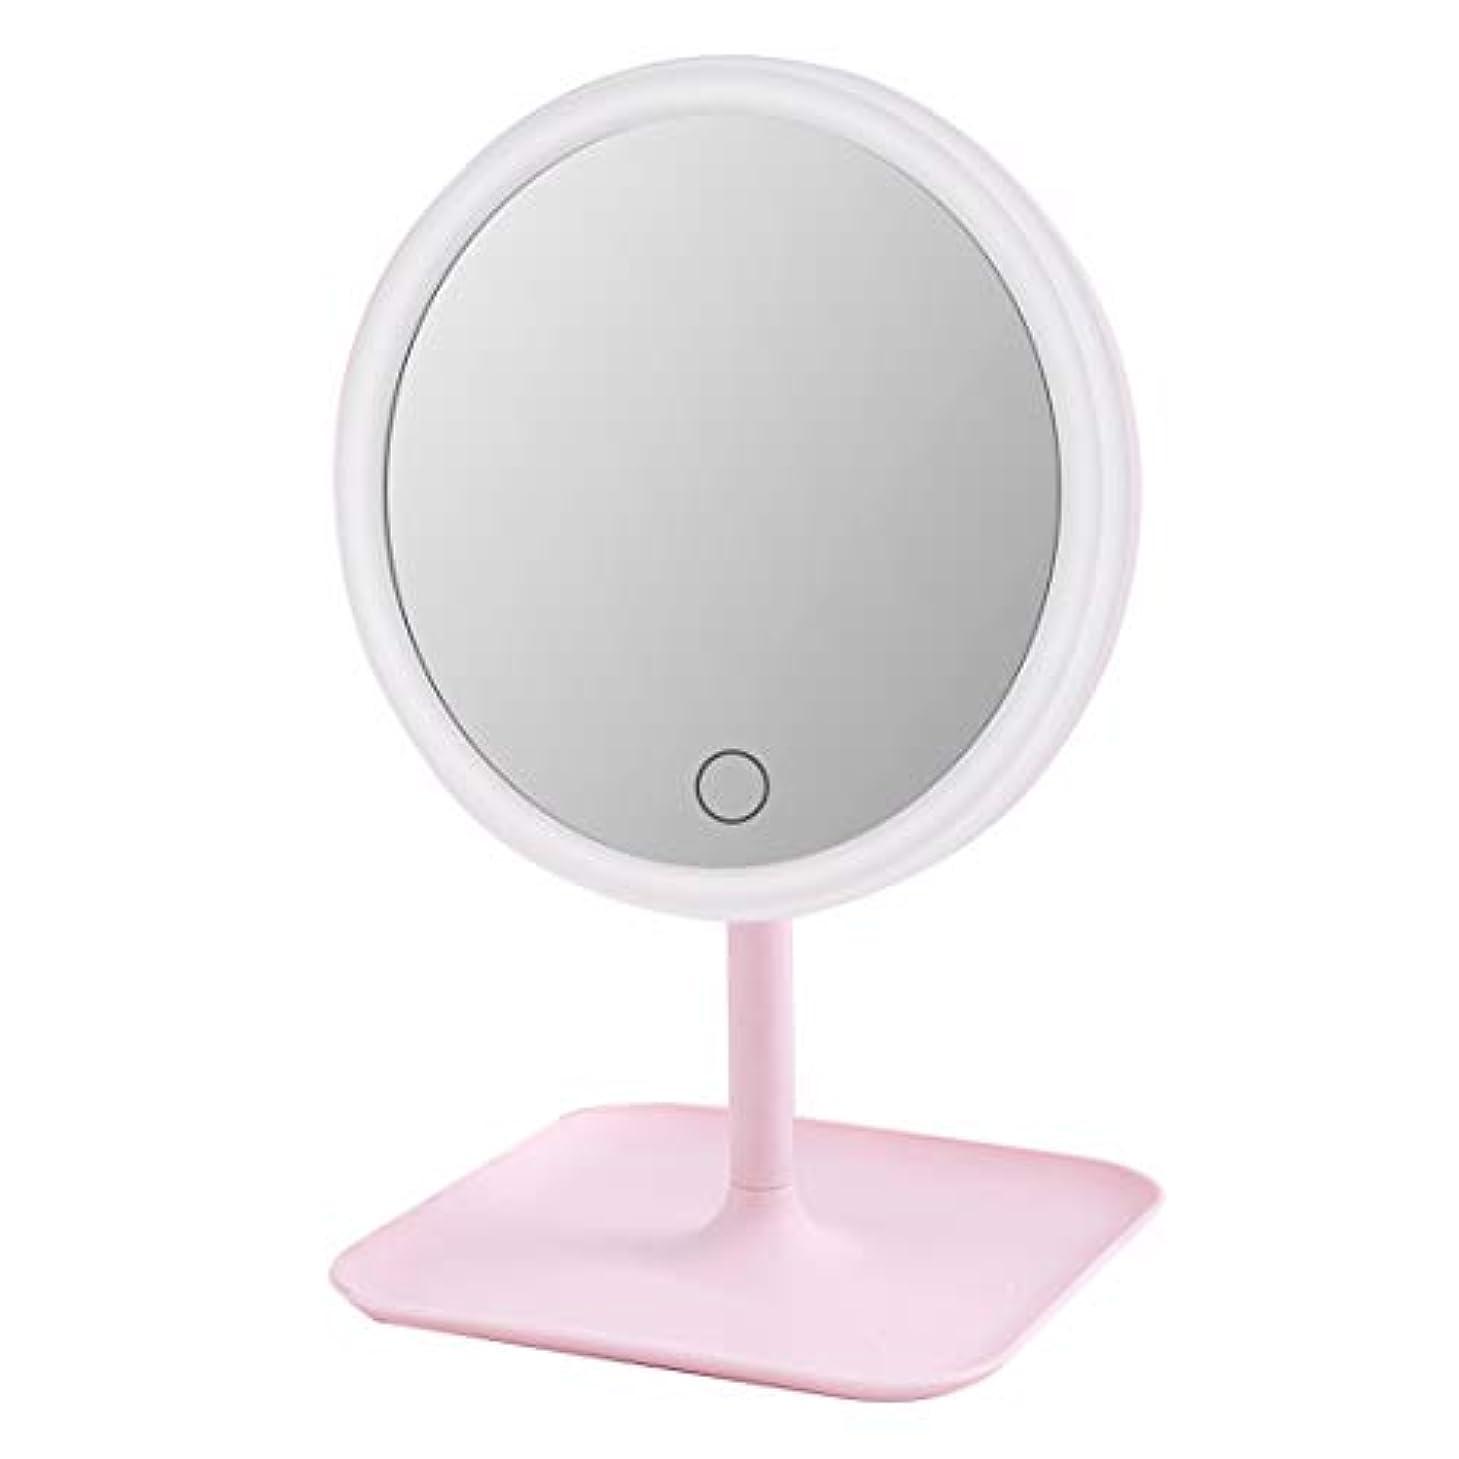 再撮り謝る予定化粧鏡 化粧ミラー 鏡 女優ミラー 卓上ミラー ライトの明るさを調節可能 180°回転 LEDライト付き USB充電式 無段階調光 (白い, 三色光)